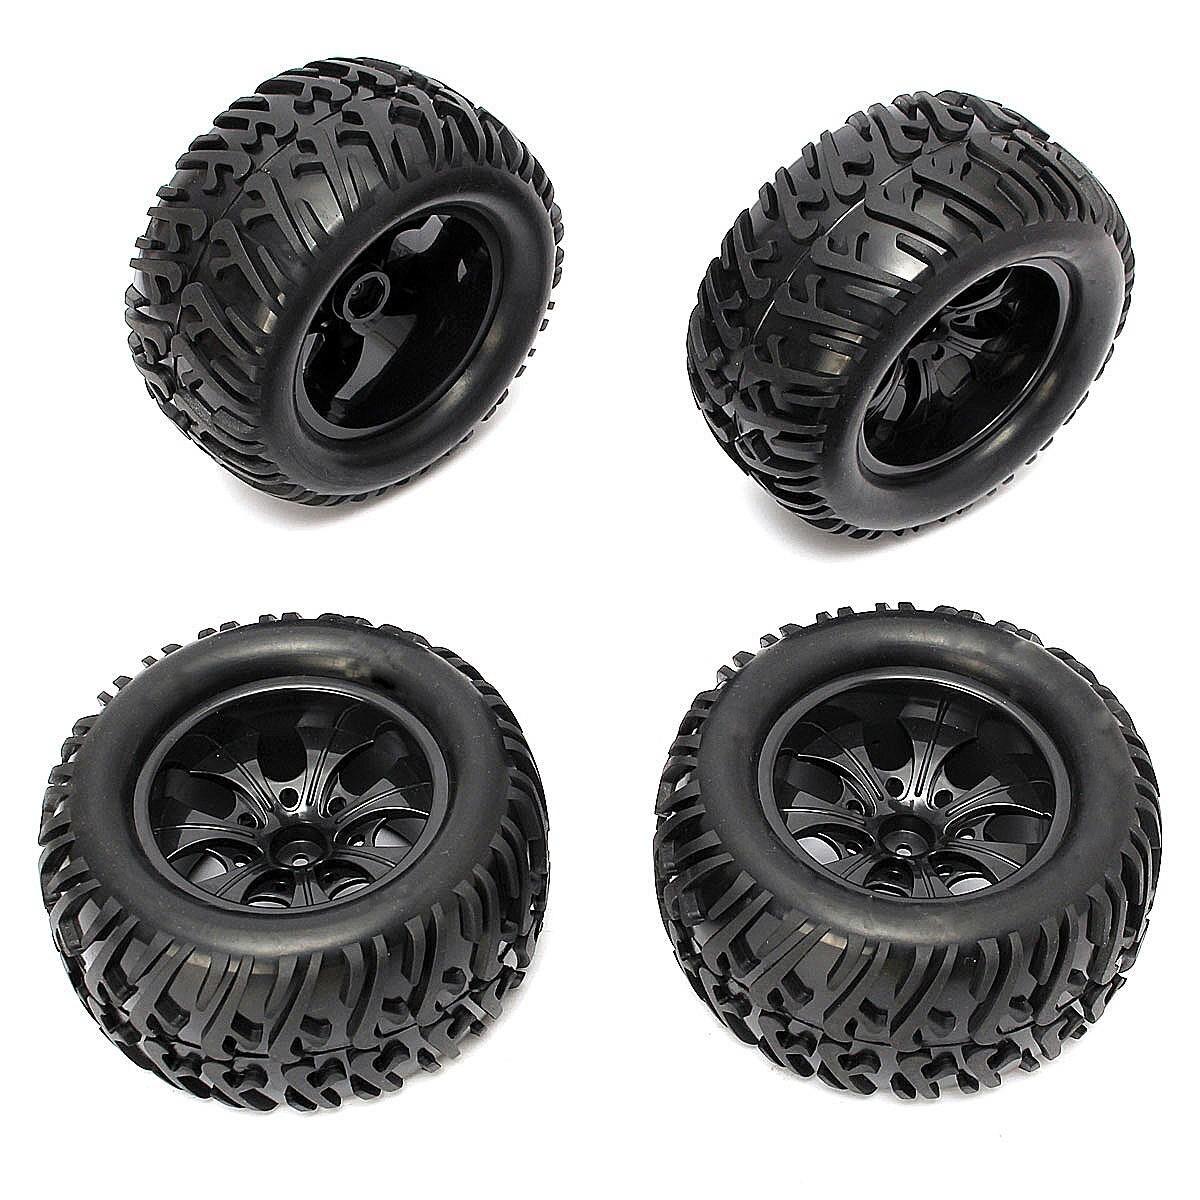 4PCS 12mm Racing Wheel Rim & Tires Redcat HSP 1:10 Monster truck RC On-Road Car Parts 12mm Hub 88005 4pcs 12mm hub hpi redcat hsp metal wheel rim